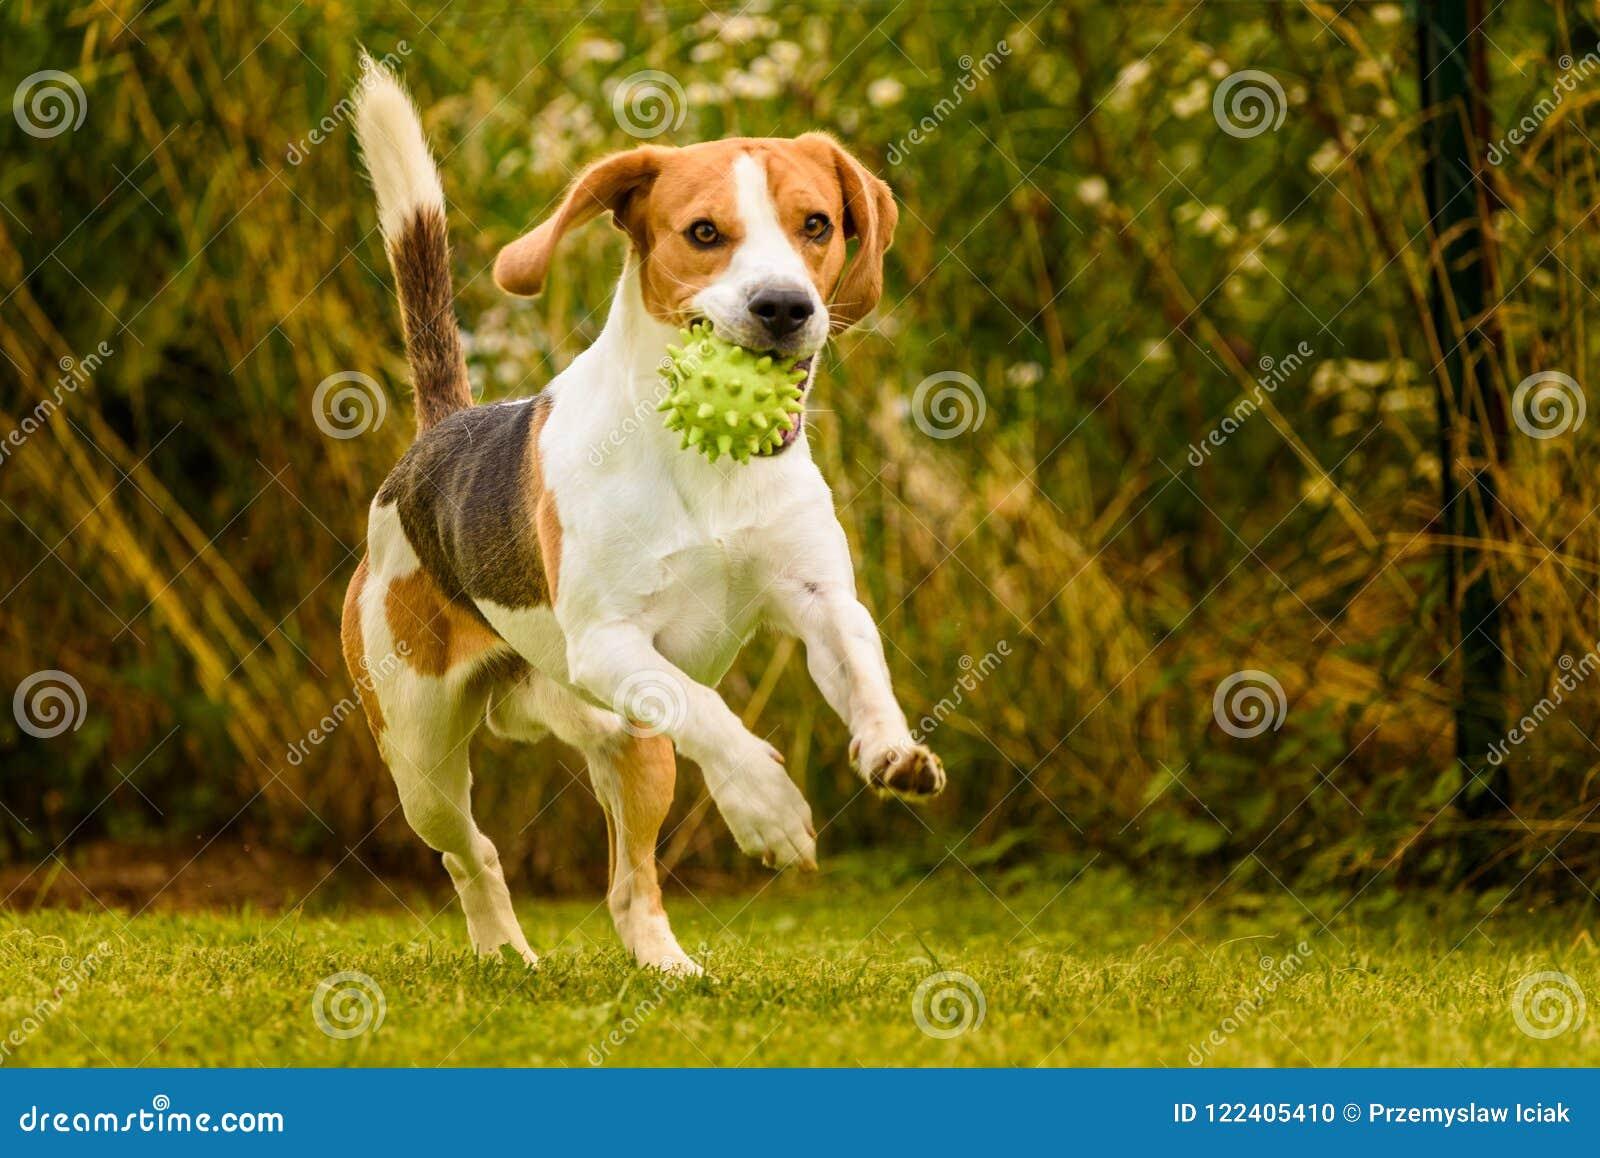 Beagle Dog Pet Run And Fun Outdoor. Dog I Garden In Summer Sunny Day ...